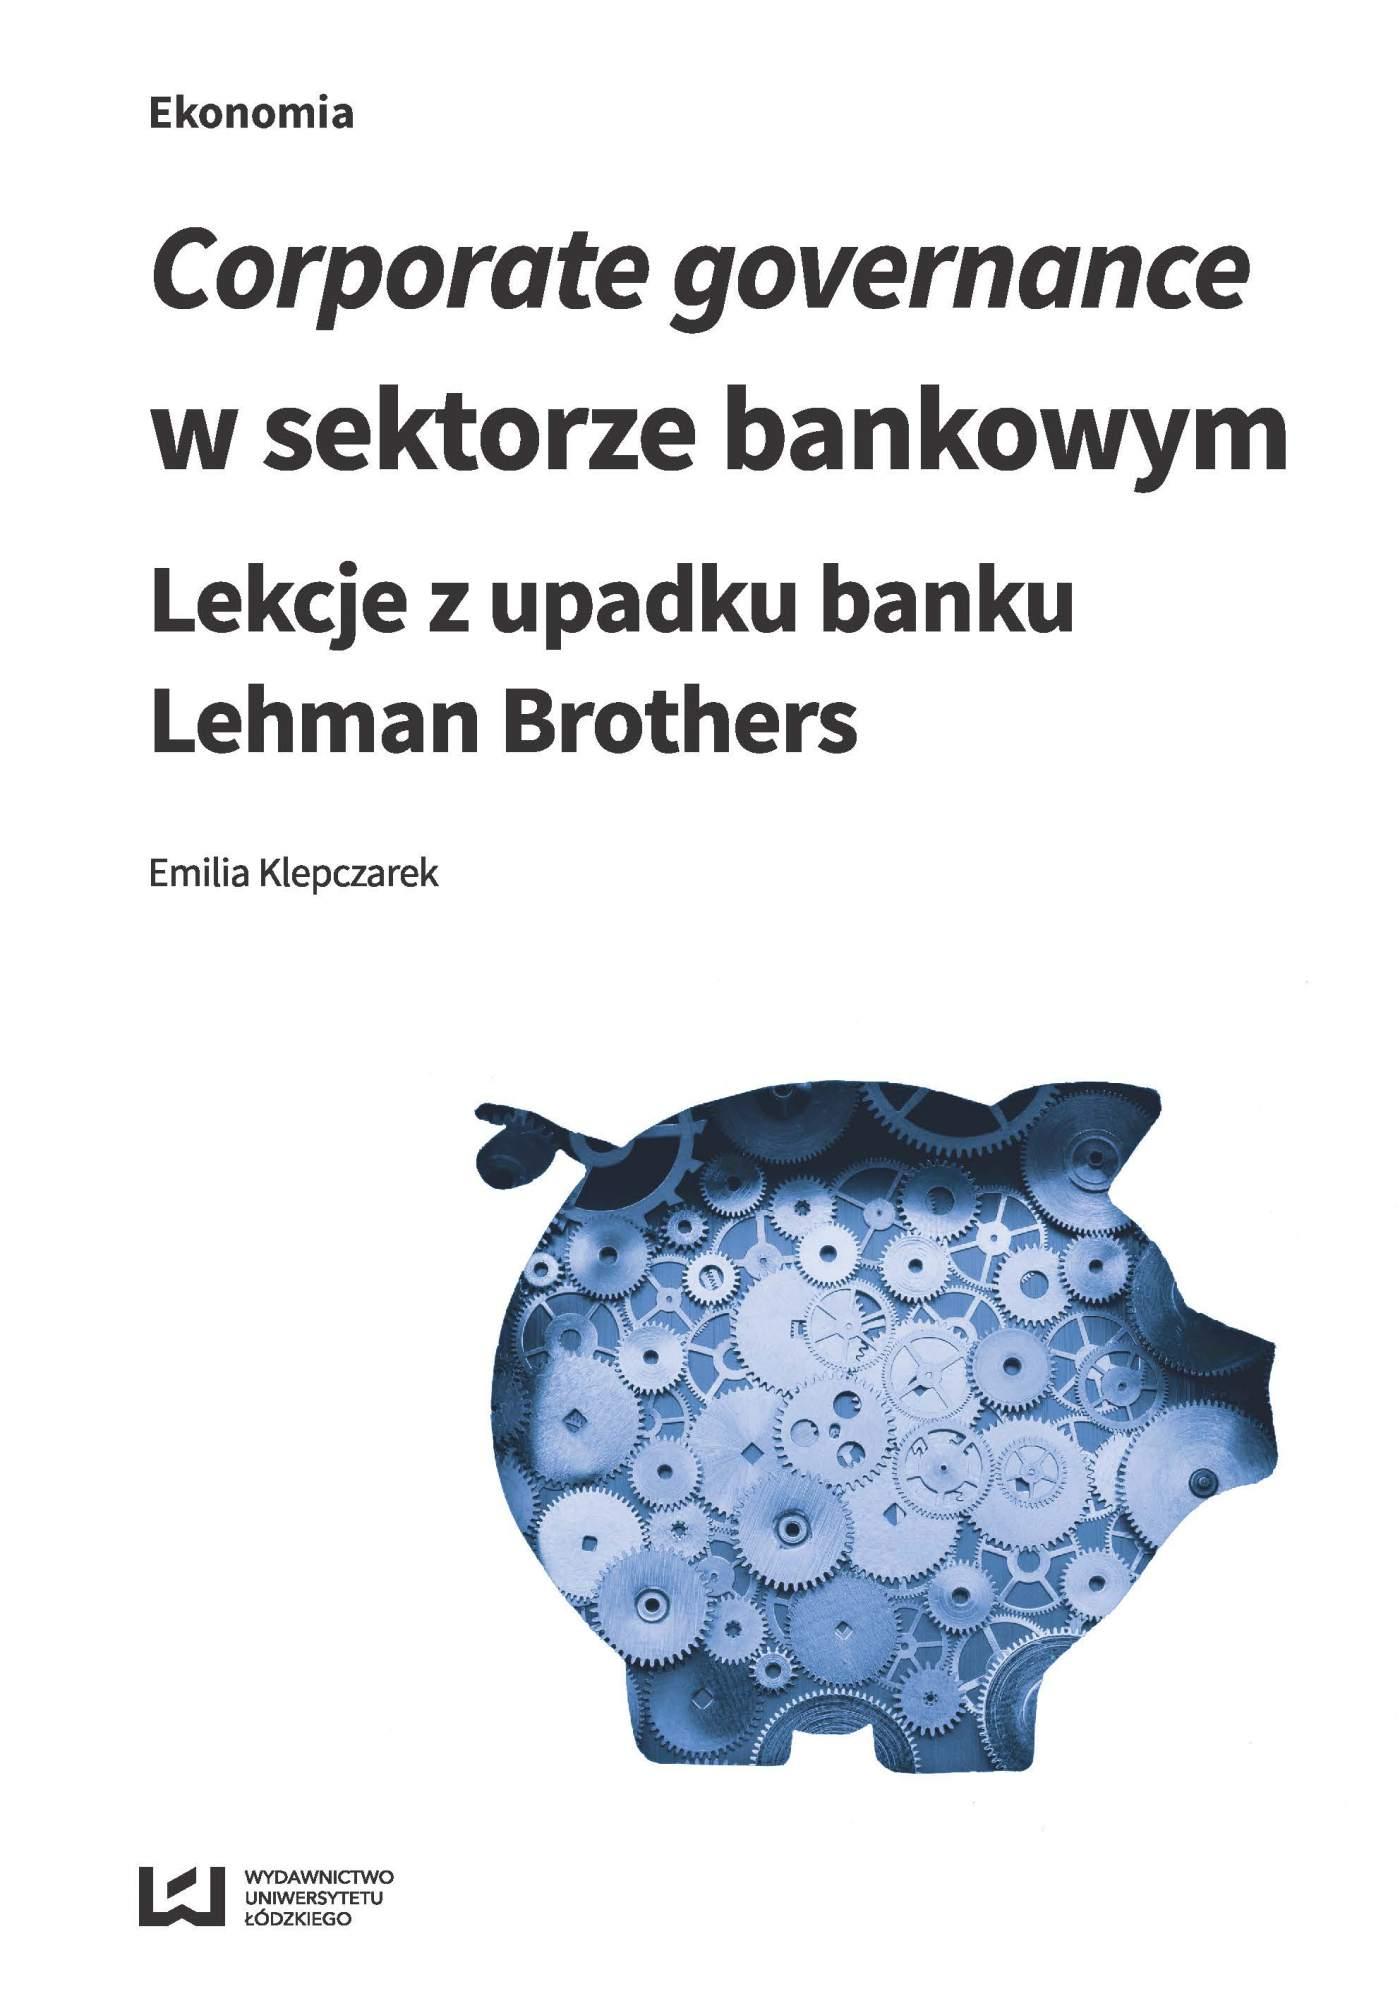 Corporate governance w sektorze bankowym. Lekcje z upadku banku Lehman Brothers - Ebook (Książka PDF) do pobrania w formacie PDF